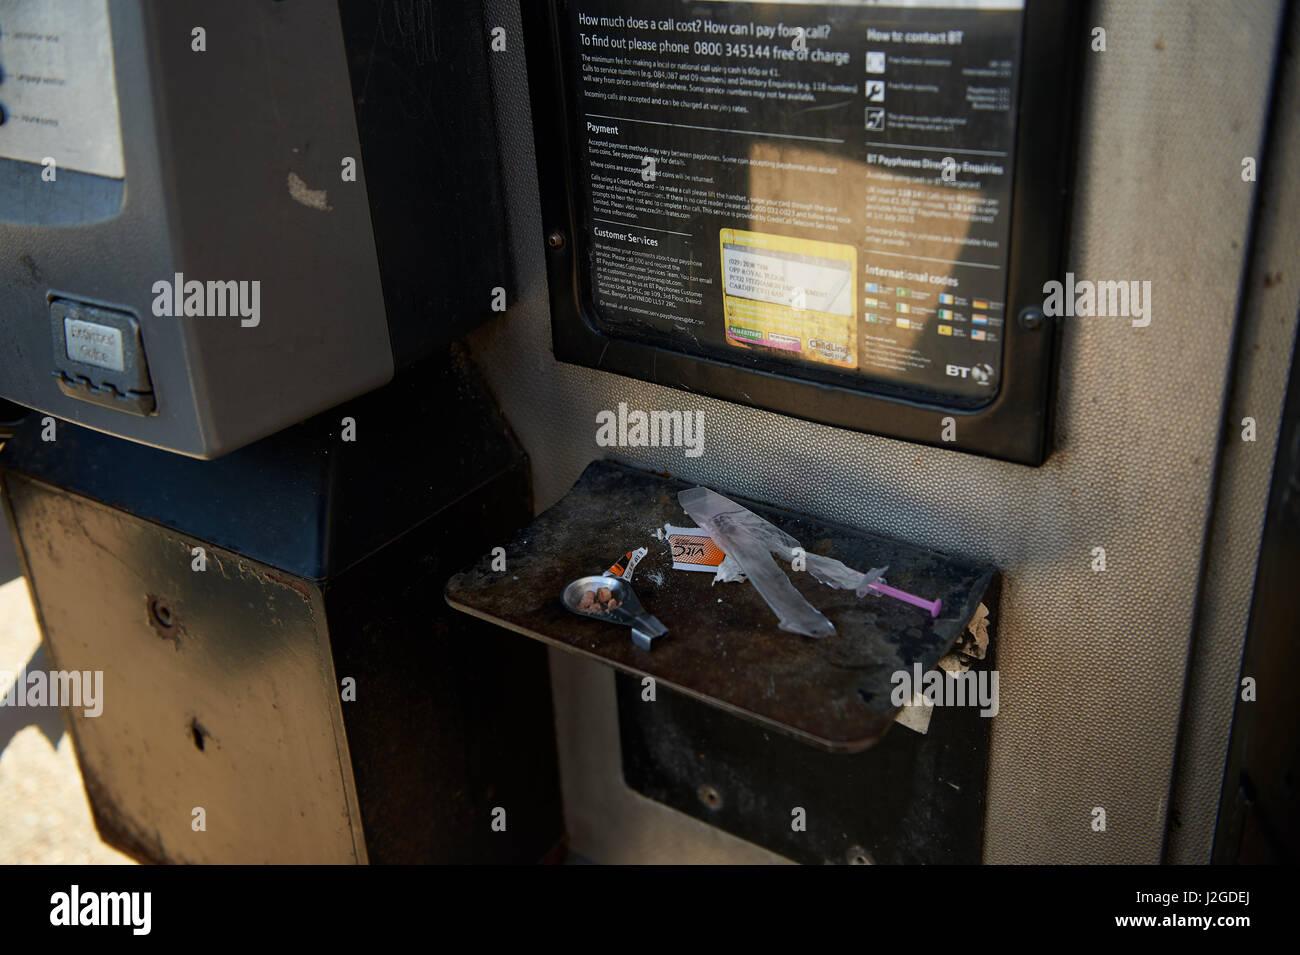 Los escombros dejados por un usuario de drogas en un cuadro teléfono en Cardiff Foto de stock